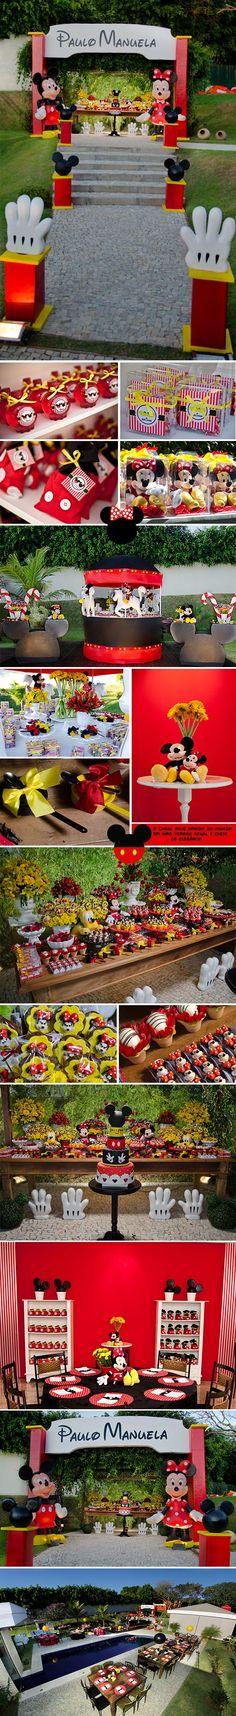 Minnie- mickey festa dos sonhos Mickey Mouse Theme Party, Mickey Mouse Decorations, Mickey Mouse Baby Shower, Fiesta Mickey Mouse, Mickey Mouse Clubhouse Birthday, Mickey Mouse Birthday, Minnie Mouse Party, Disney Parties, Mickey Mouse Clubhouse